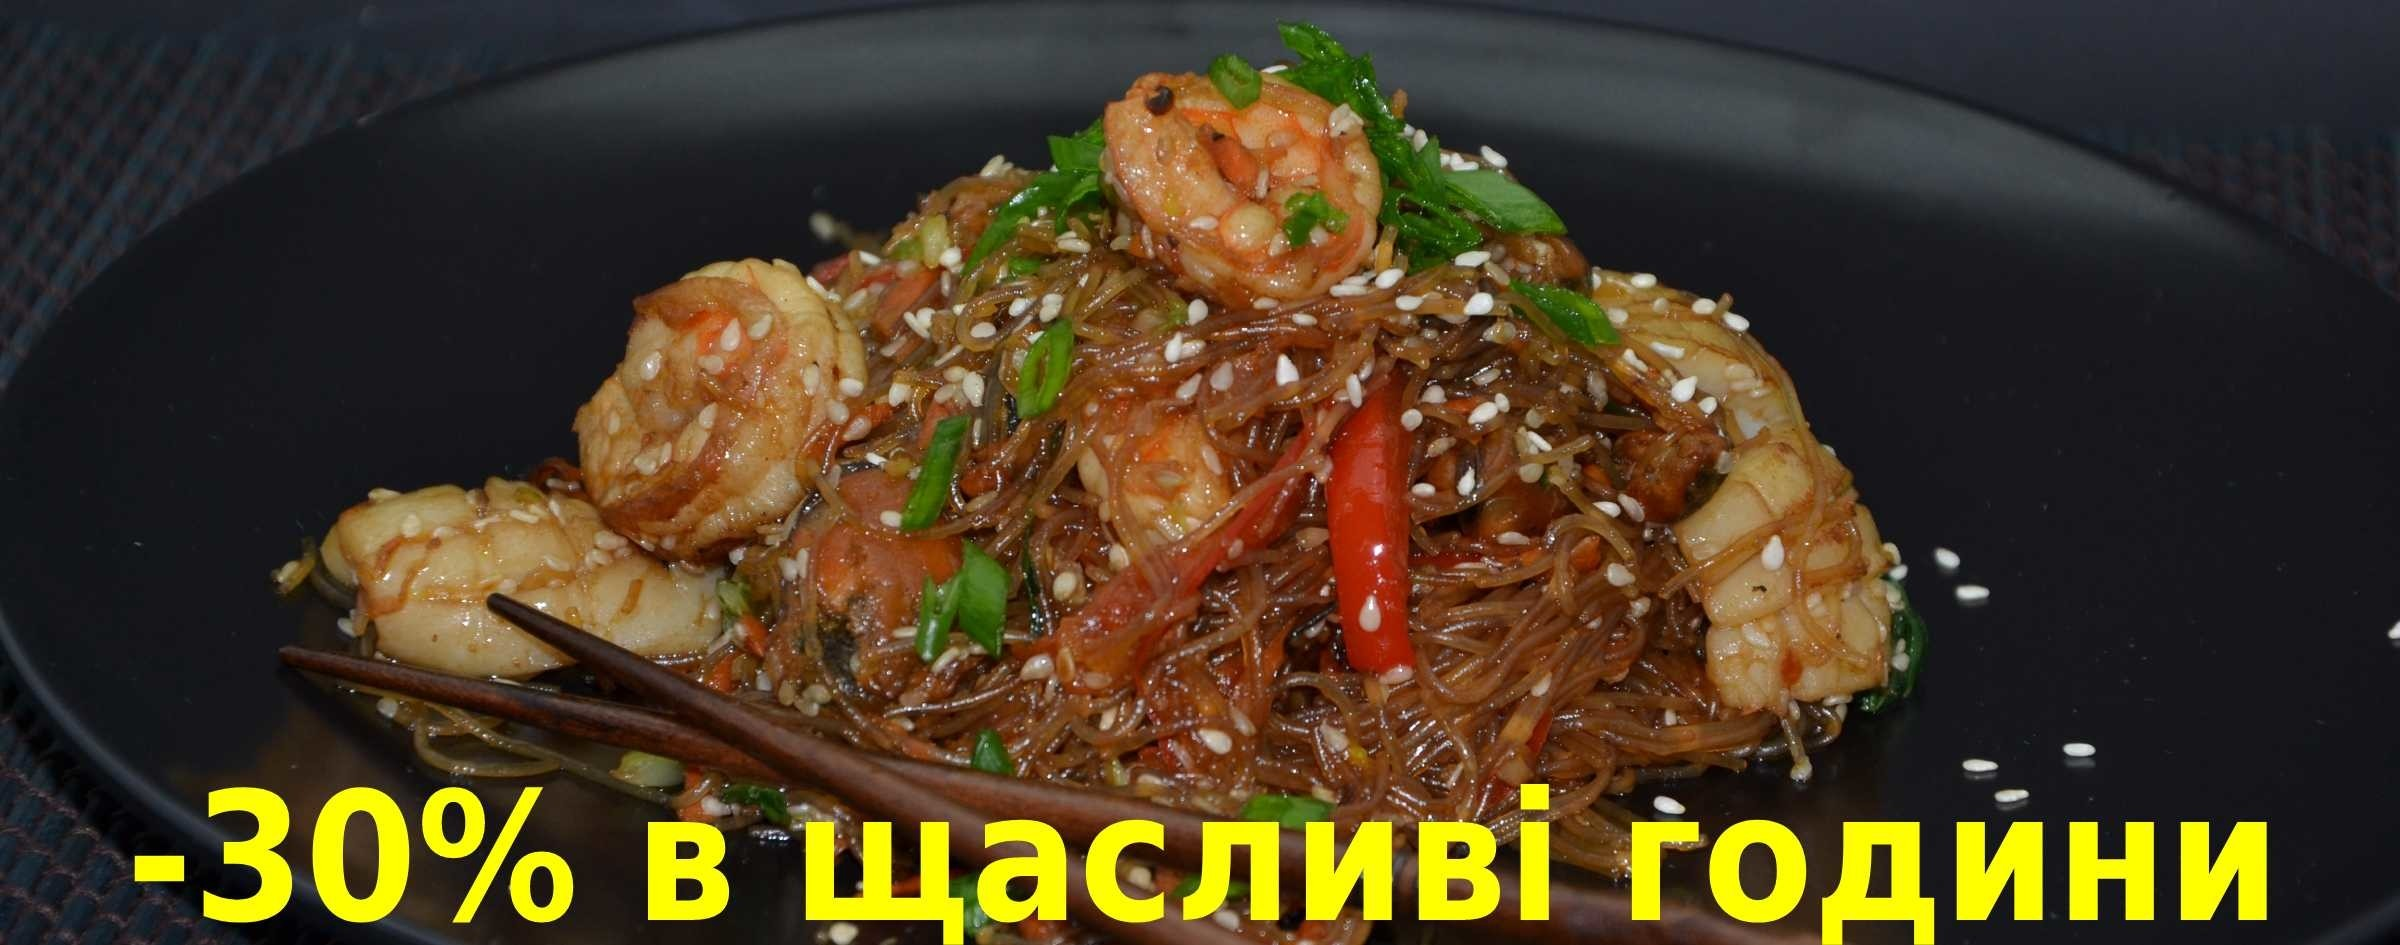 Обід разом Hokku!!! Знижка -30%